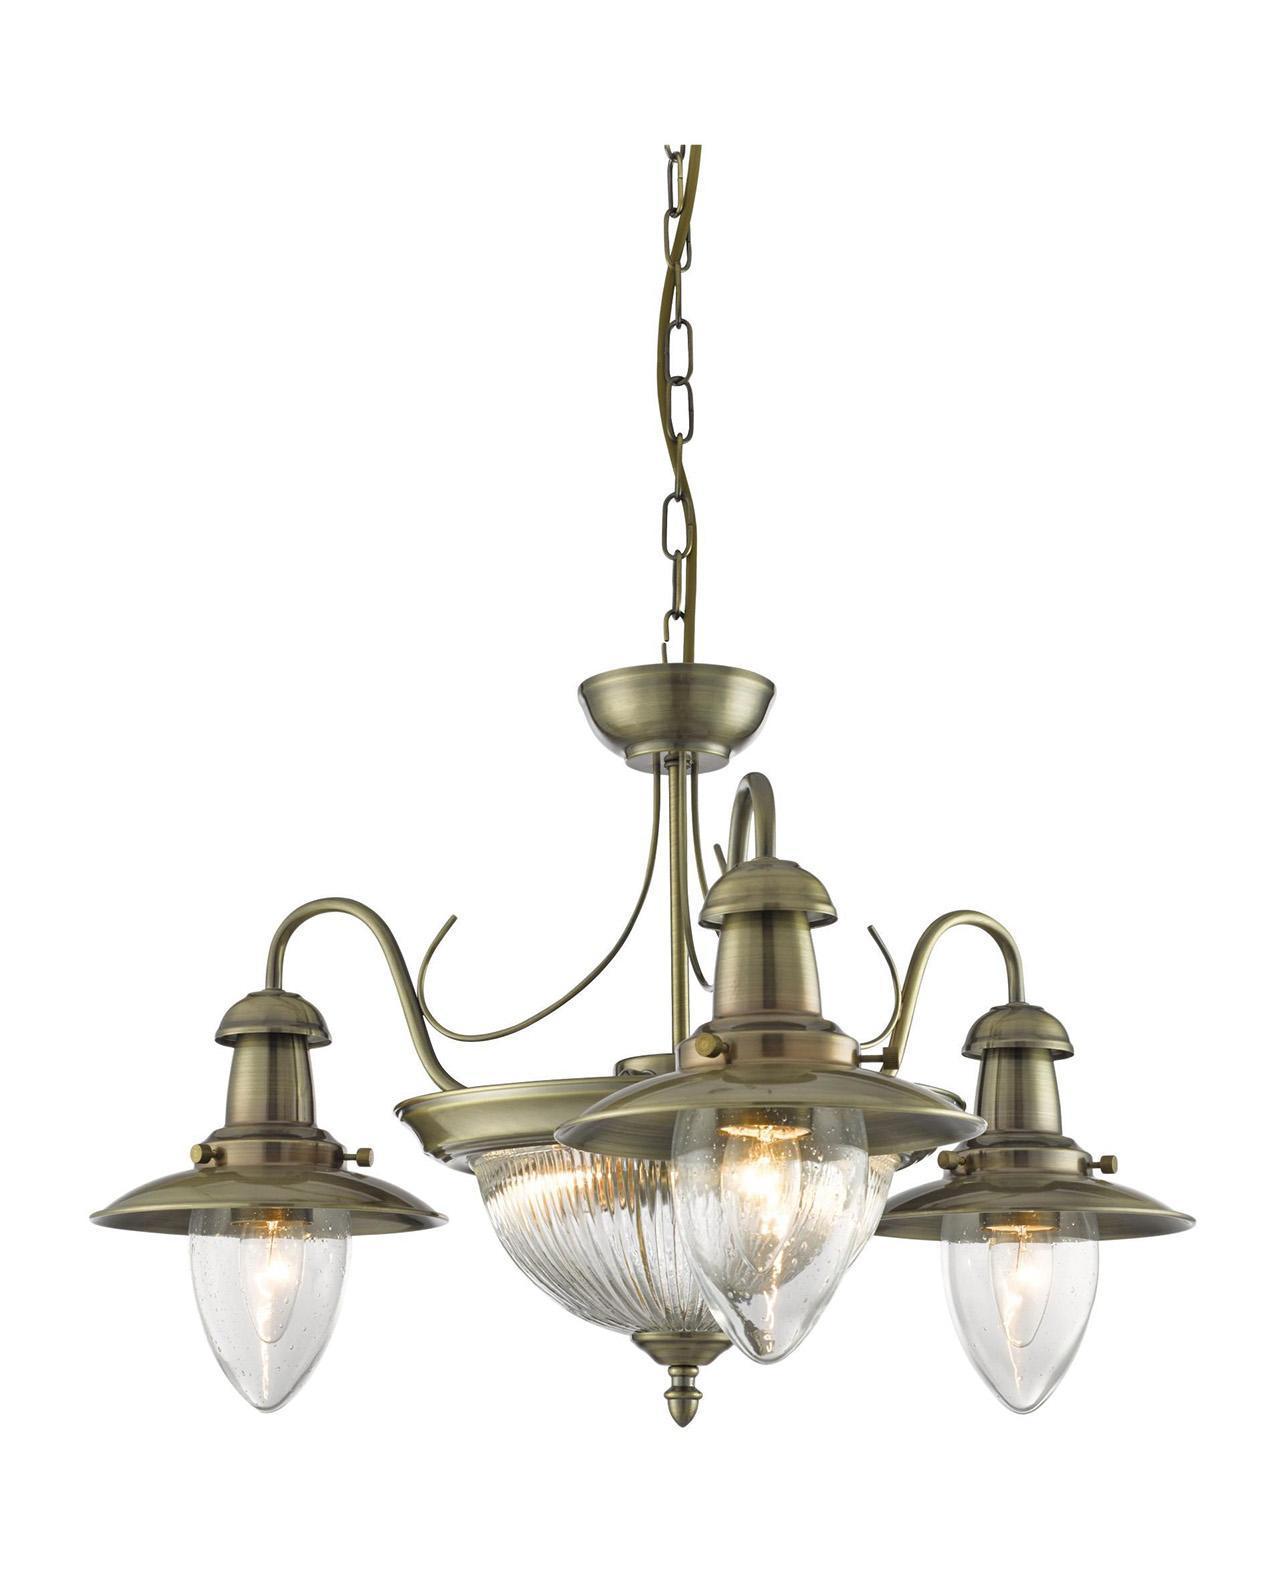 Люстра Arte lampЛюстры<br>Назначение светильника: для гостиной,<br>Стиль светильника: классика,<br>Тип: подвесная,<br>Материал светильника: металл, стекло,<br>Материал плафона: стекло,<br>Материал арматуры: металл,<br>Диаметр: 640,<br>Высота: 380,<br>Количество ламп: 5,<br>Тип лампы: накаливания,<br>Мощность: 300,<br>Патрон: Е27,<br>Цвет арматуры: бронза<br>